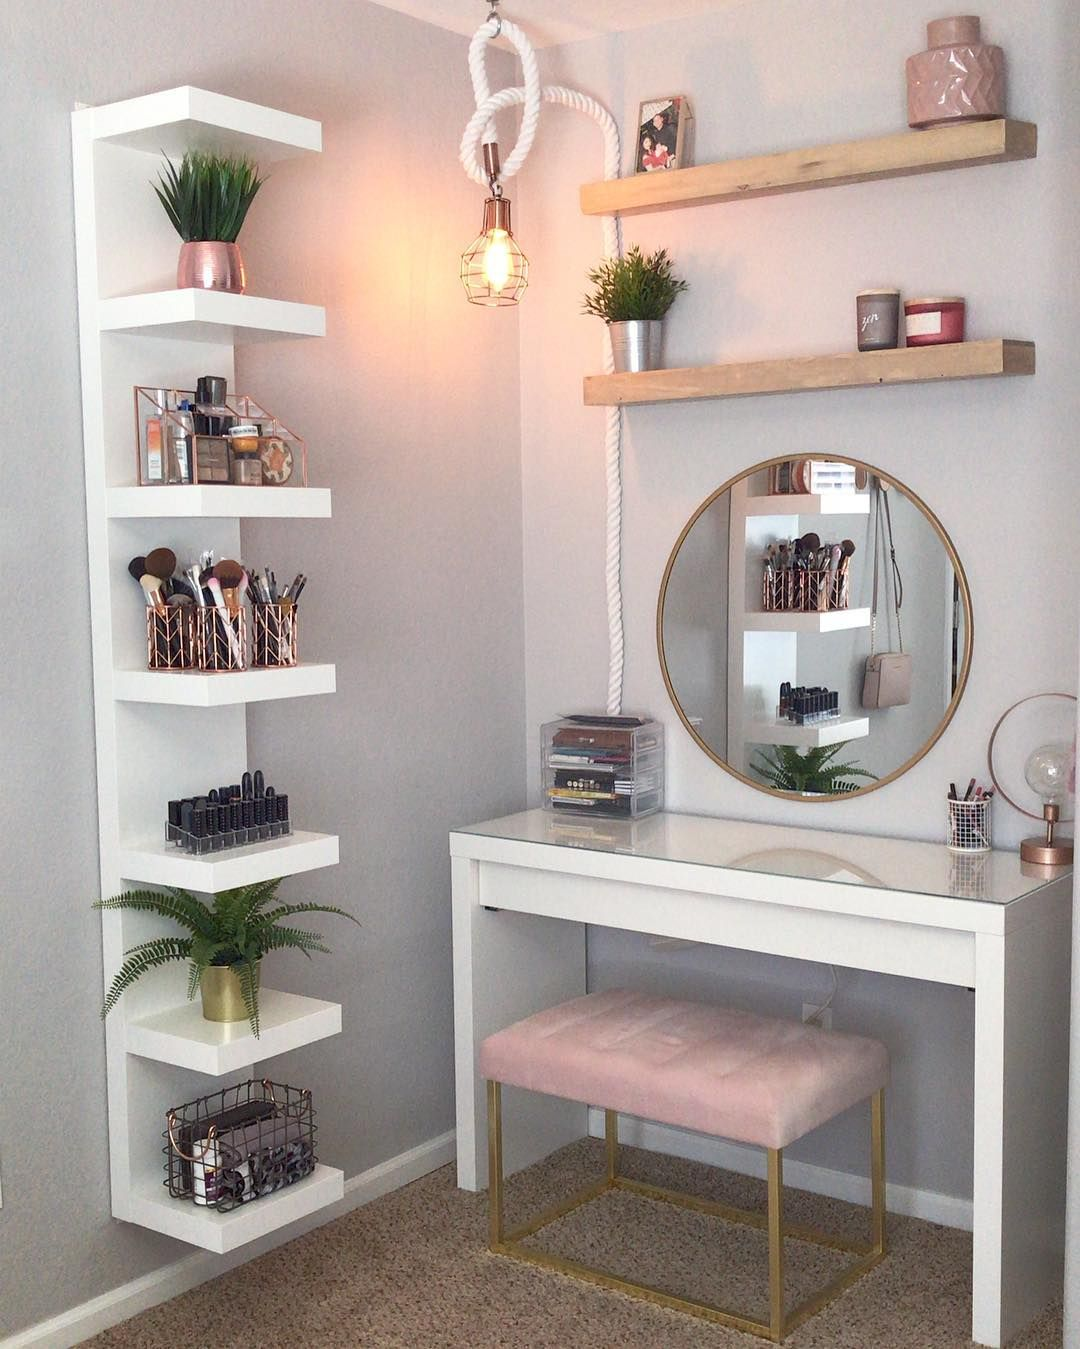 Ddelasoul On Instagram My Zen Place Vanity Ikeausa Mirror Target Wooden Shelves Target Pink Bench Tar Room Decor Bedroom Decor Cute Room Decor